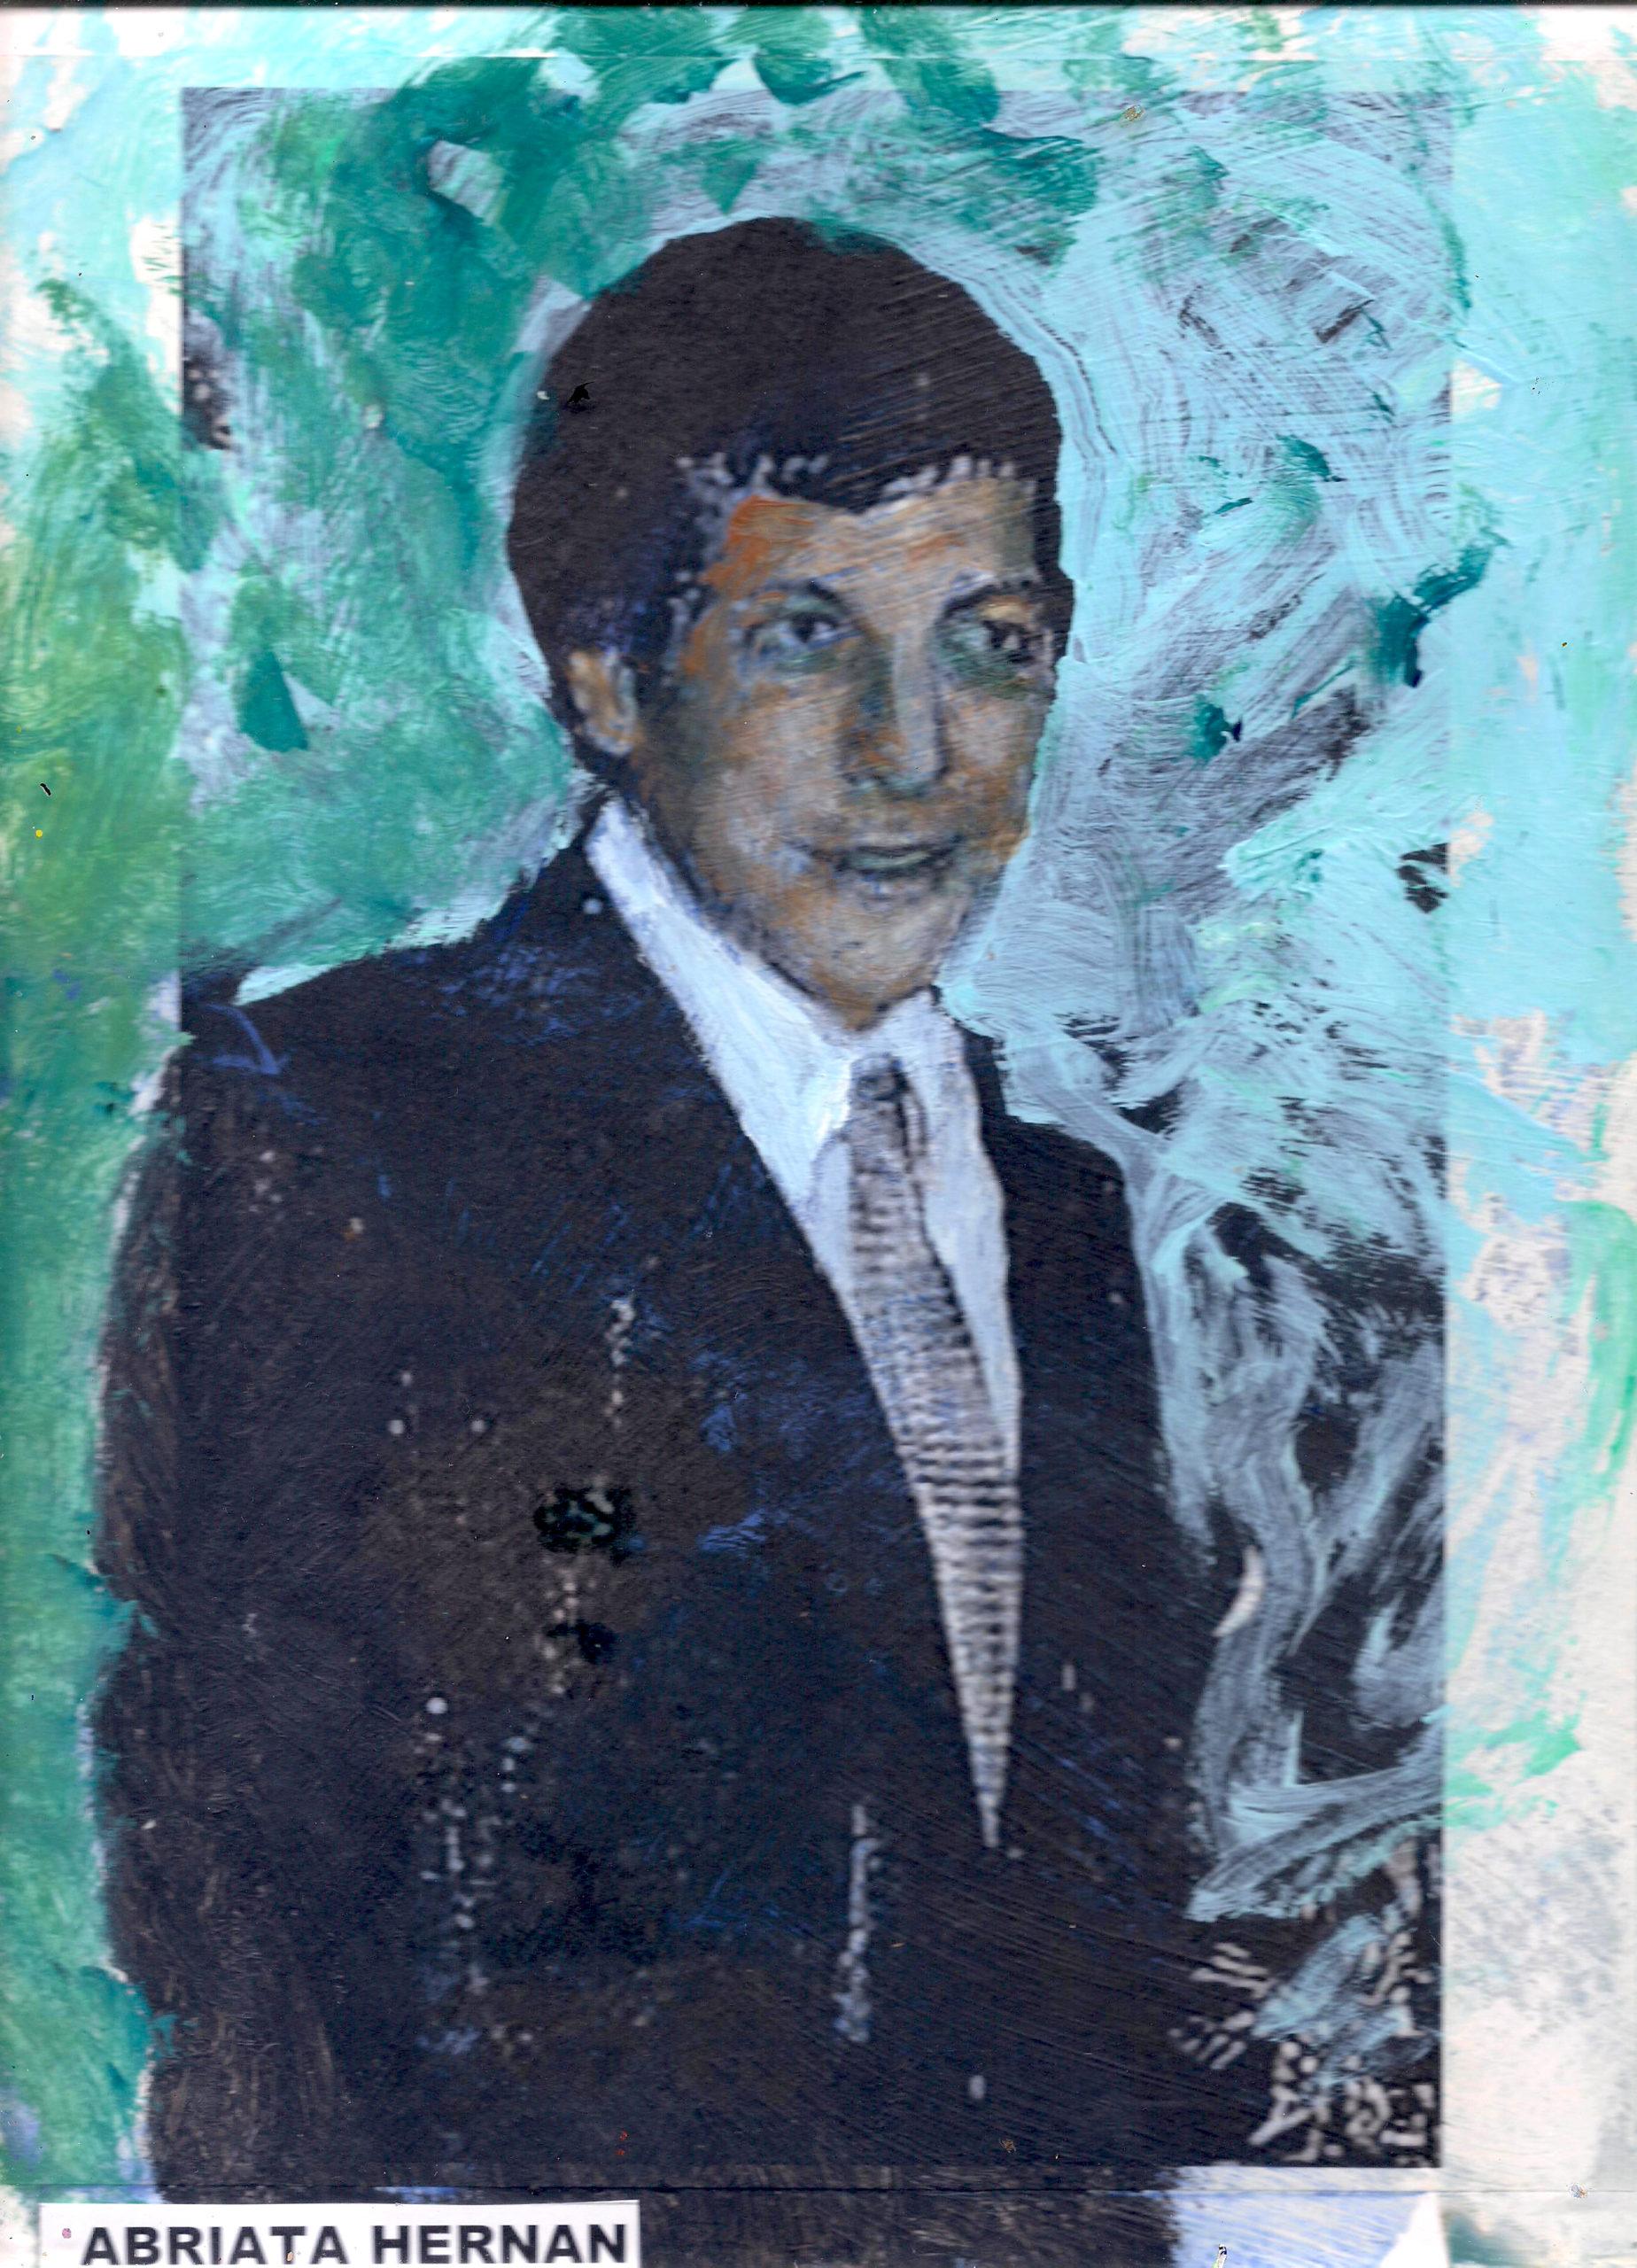 Hernan Abriata